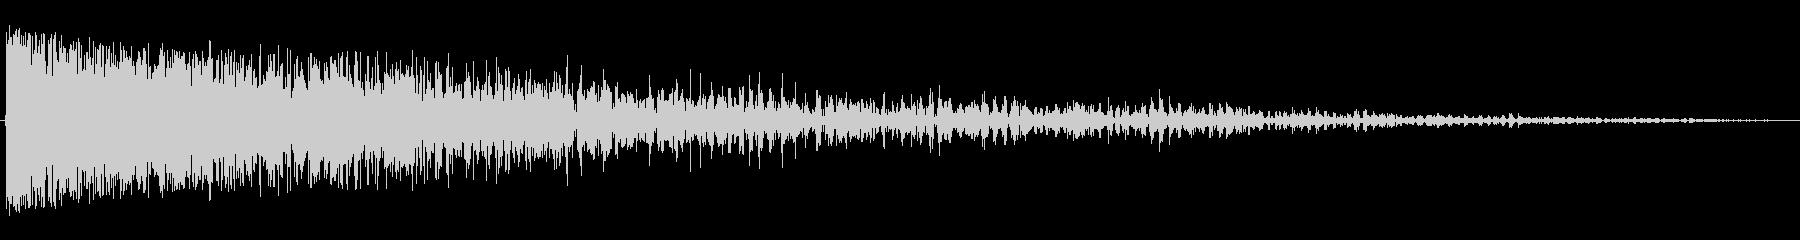 ビシューン(爆弾系の音)の未再生の波形